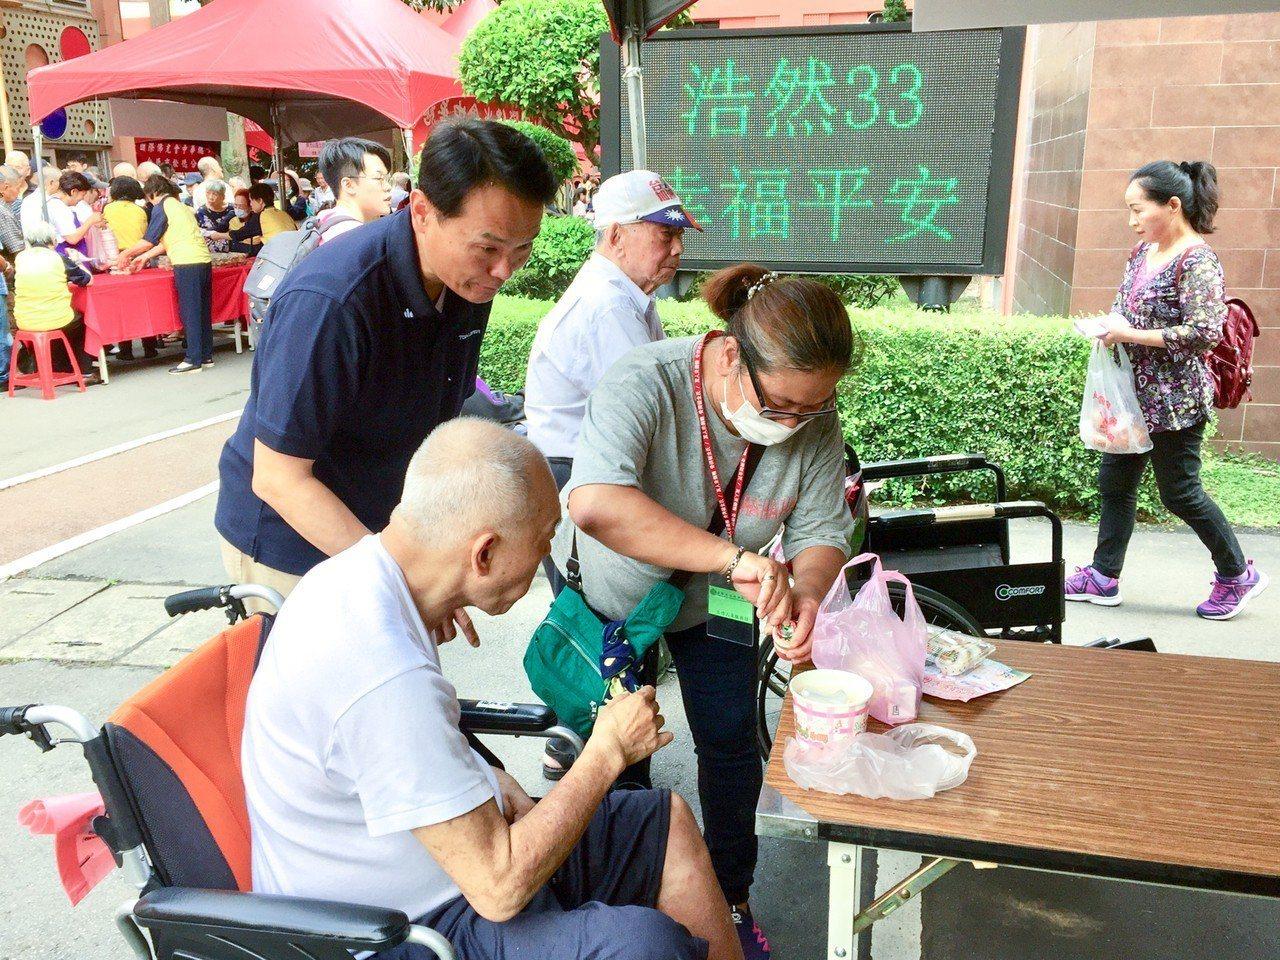 台北市立浩然敬老院今天上午舉辦「浩然三三・幸福平安」慶祝活動,士林地檢署派出10...